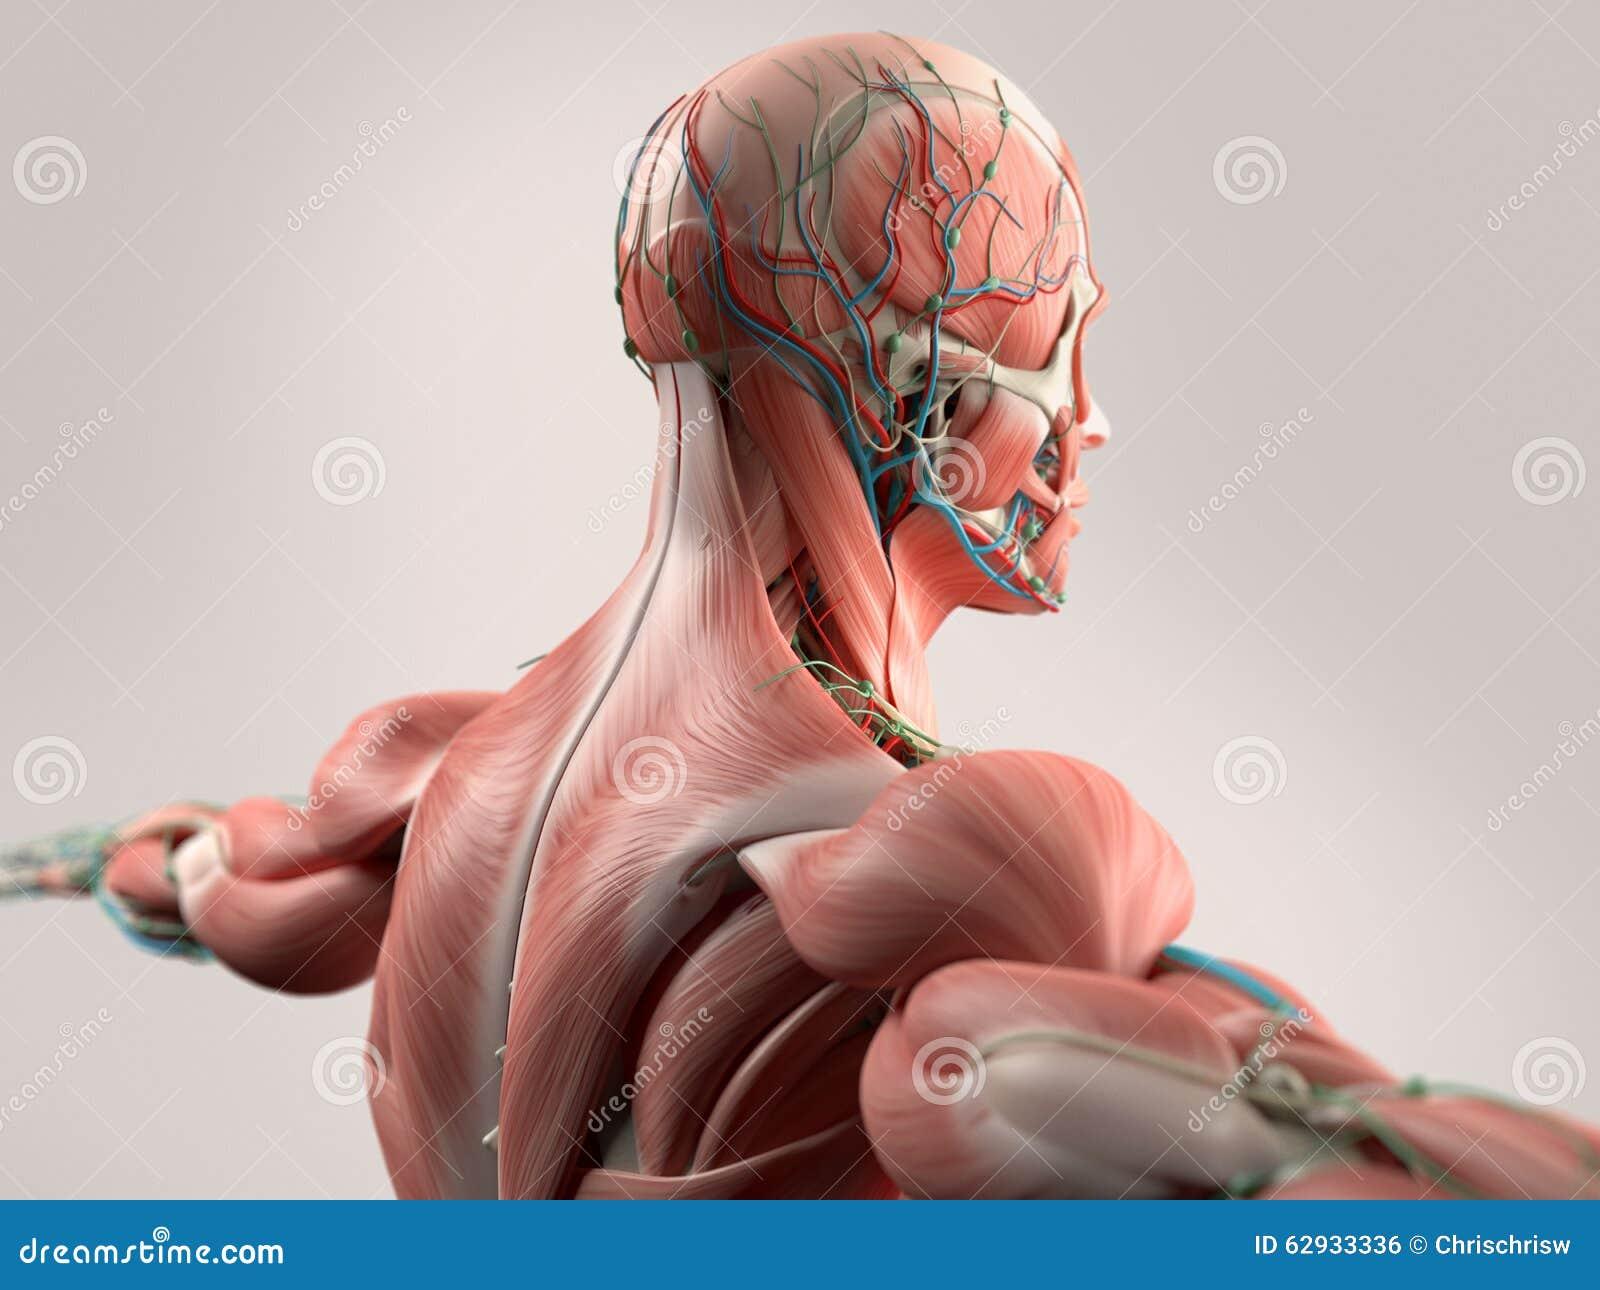 Anatomía Humana Que Muestra La Cara, La Cabeza, Hombros Y La Parte ...